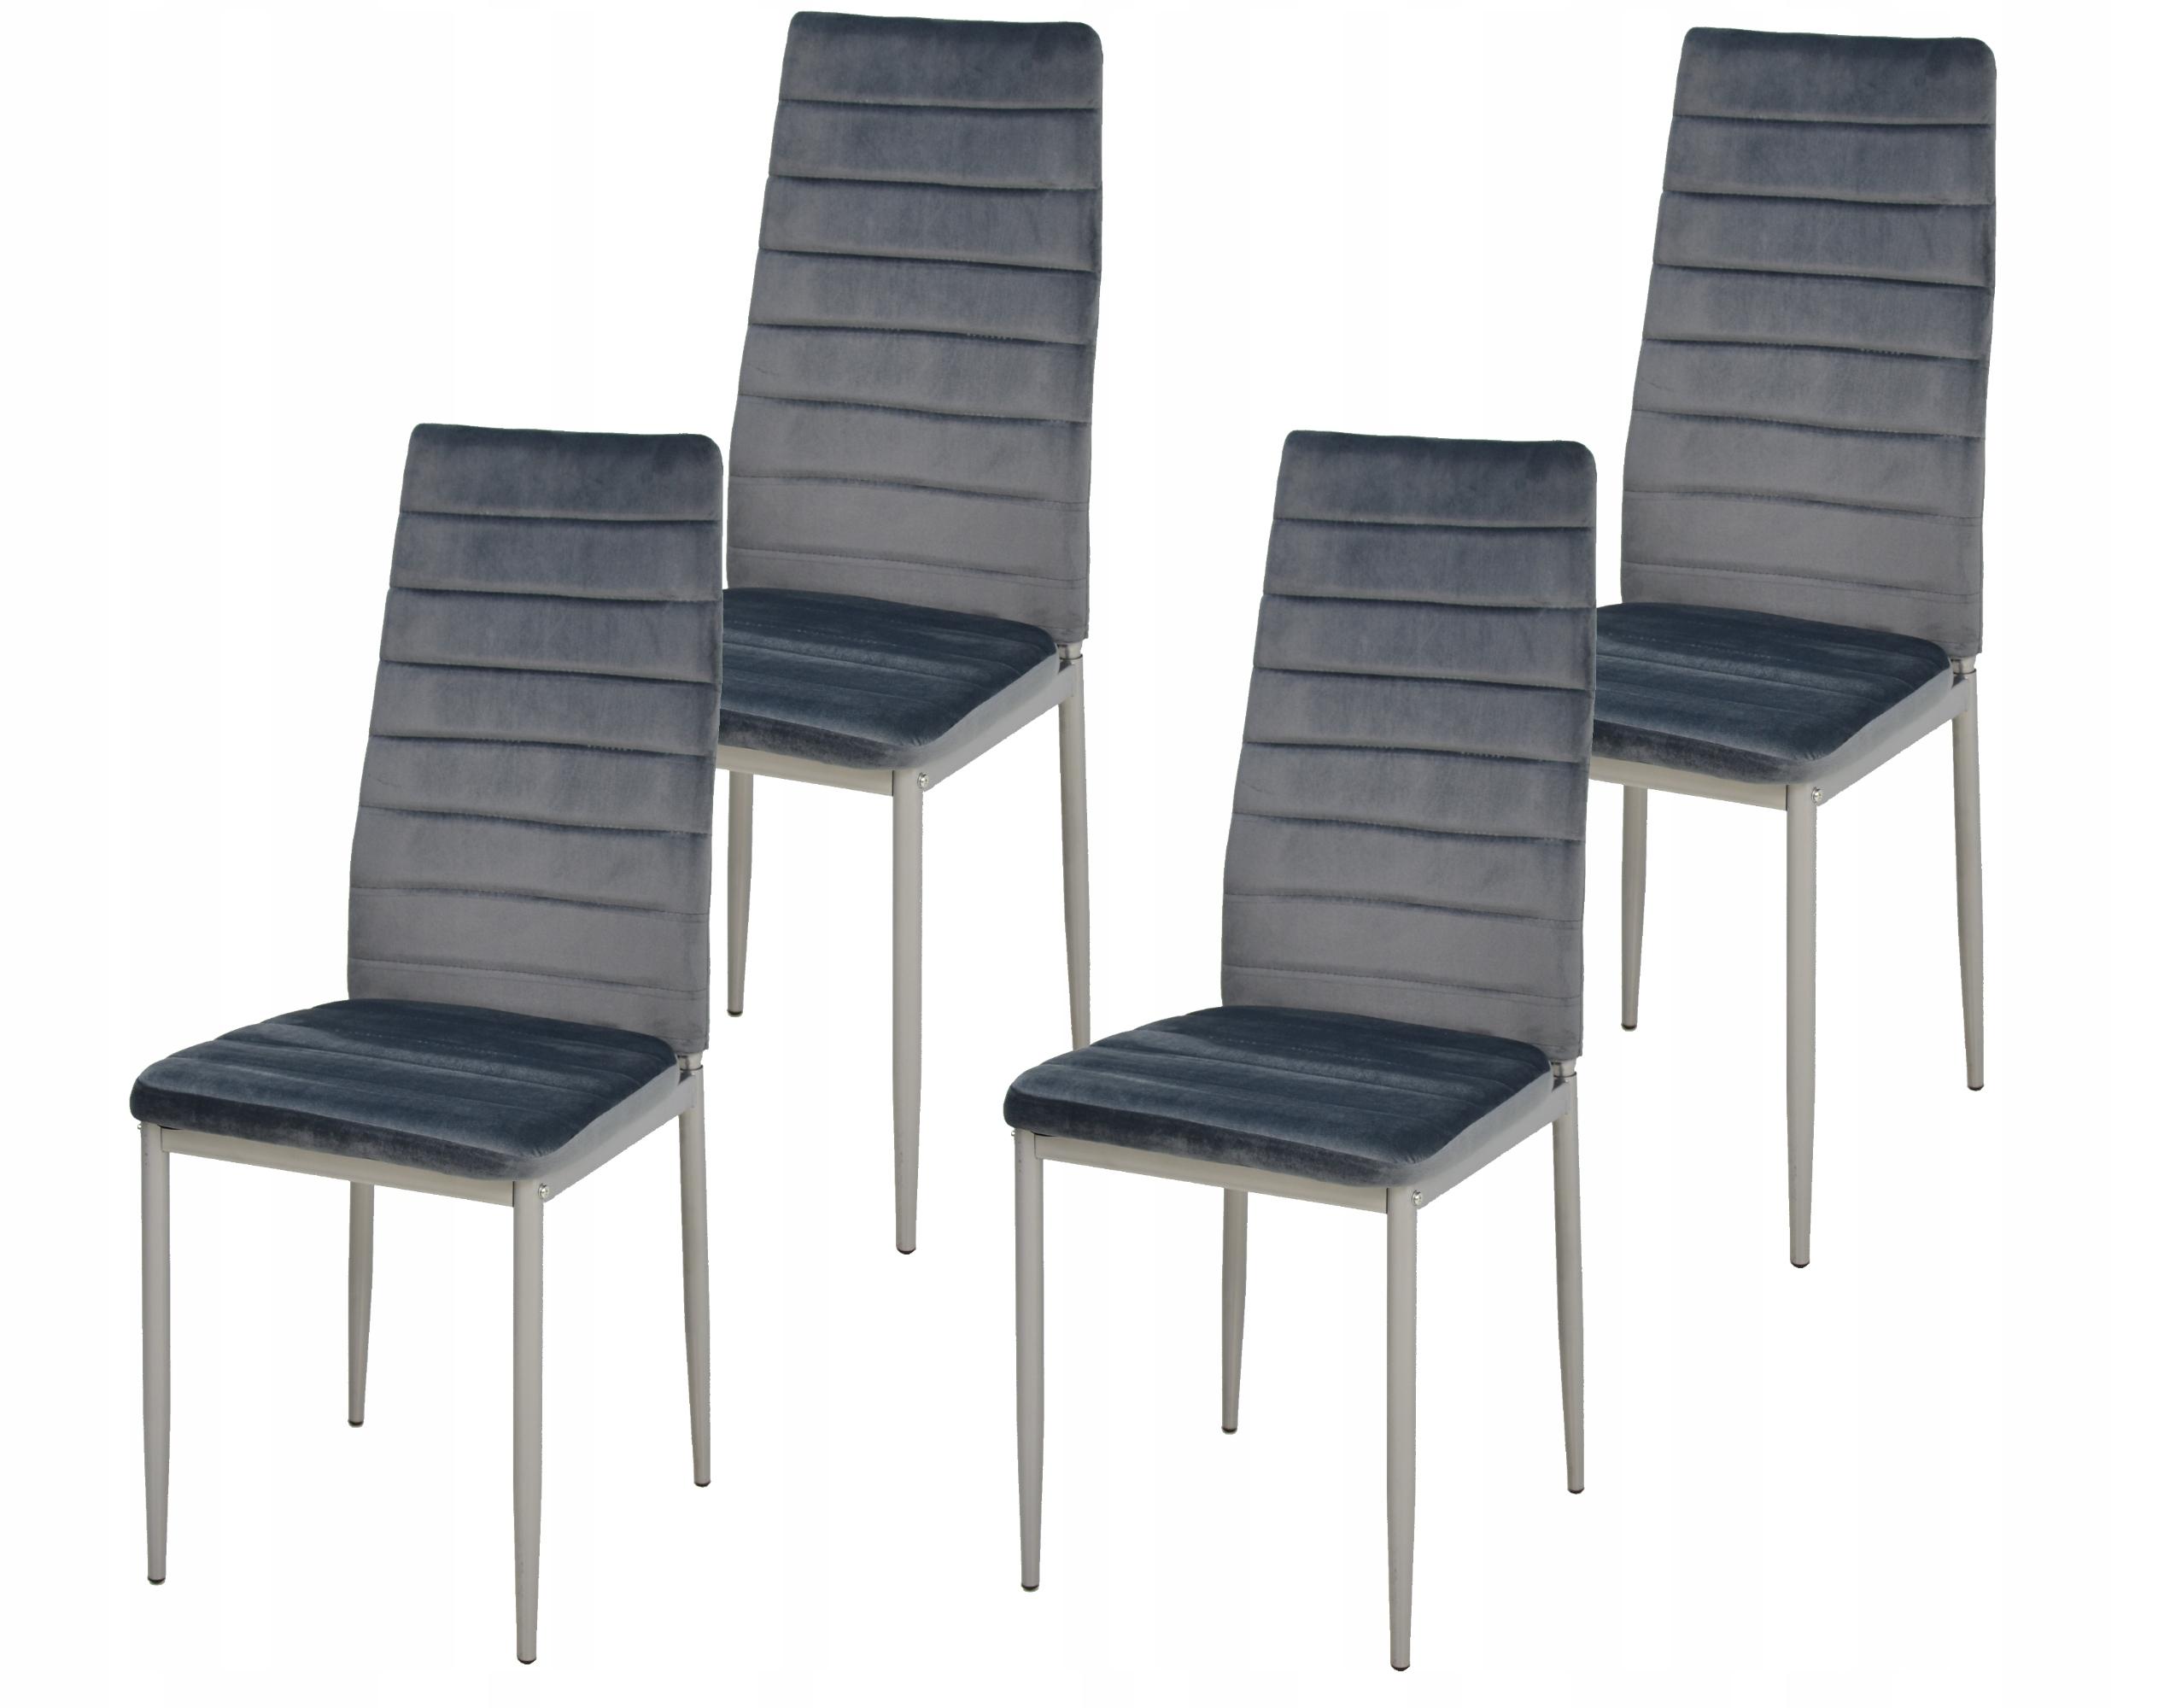 Nowoczesny zestaw 4 x krzesło CH-3 SZARY WELUR